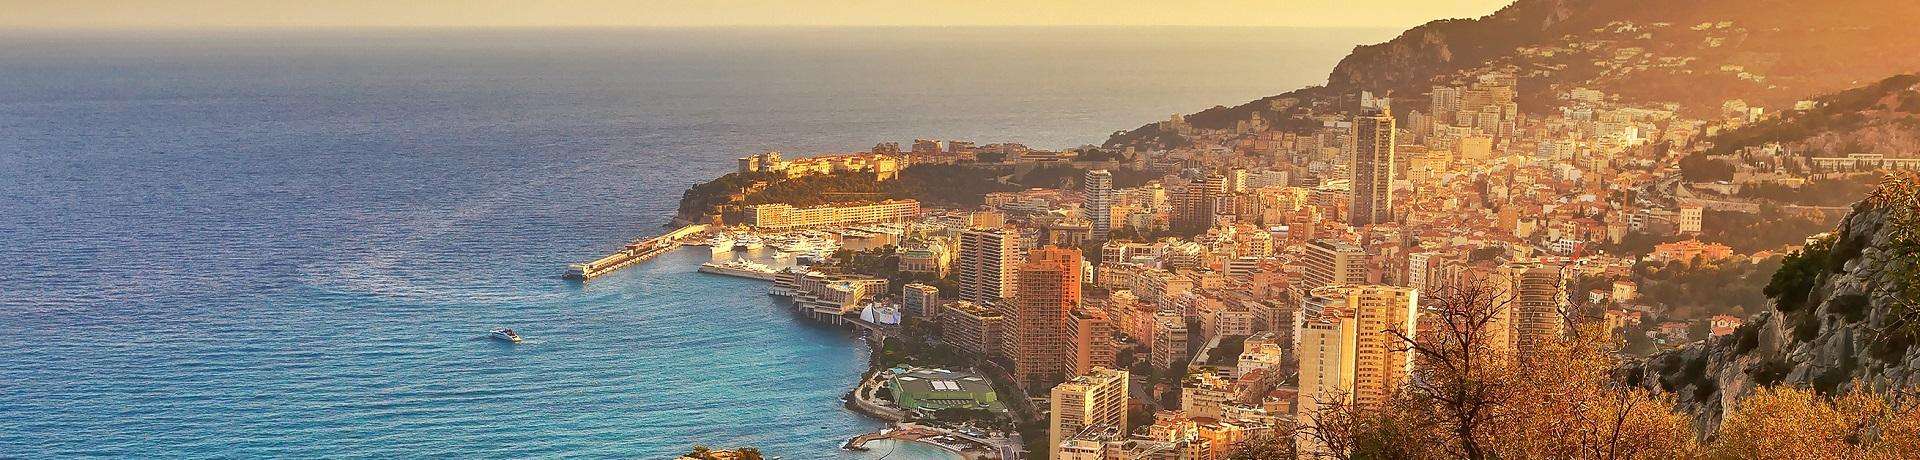 Monaco - Emotion